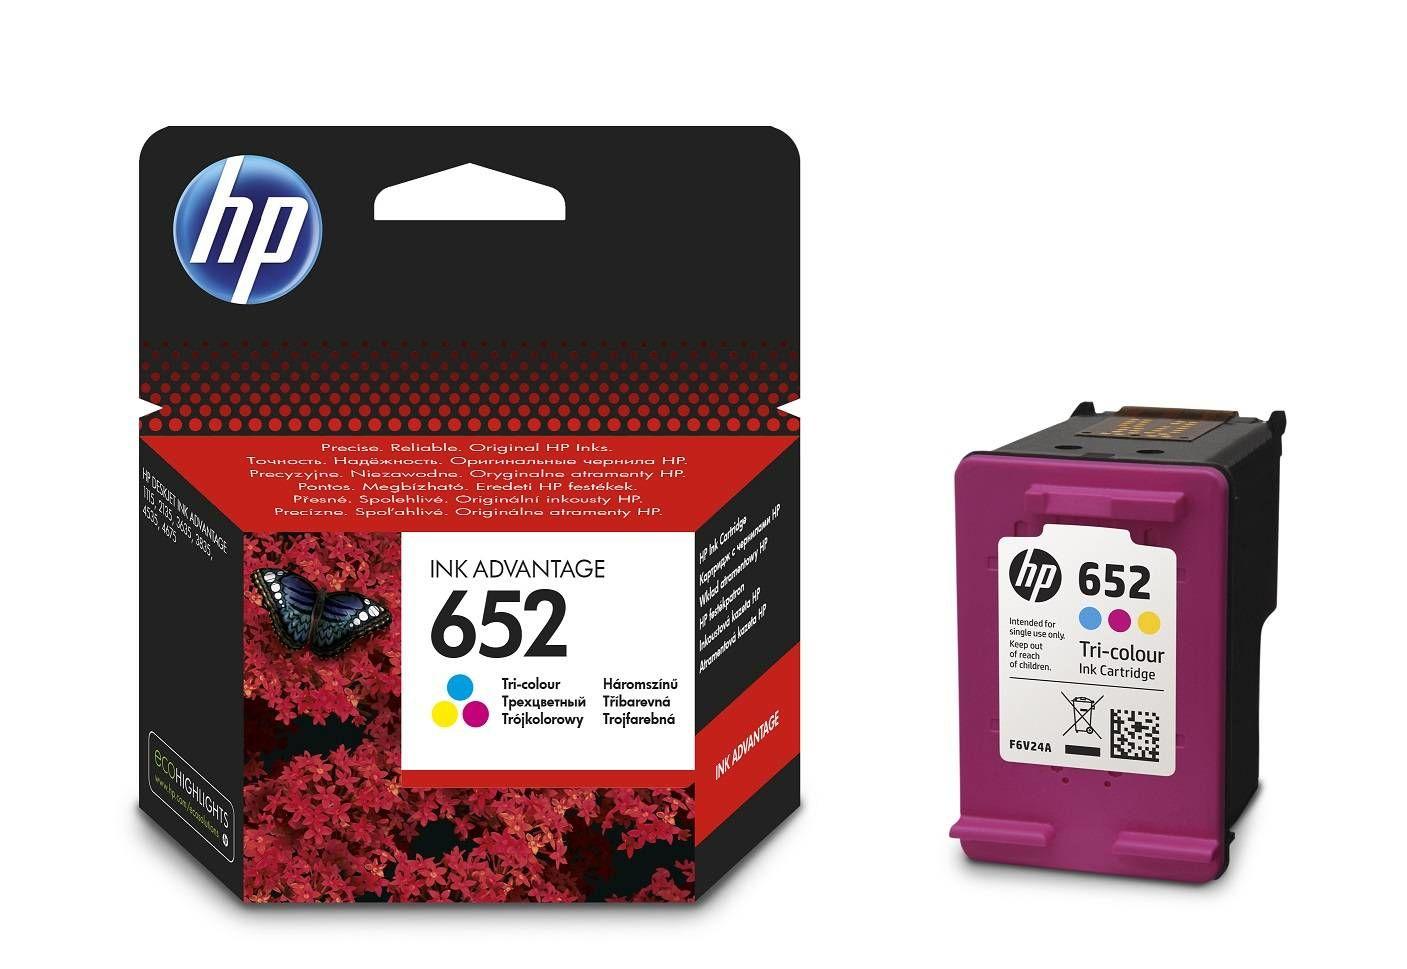 купить картридж для принтера hp